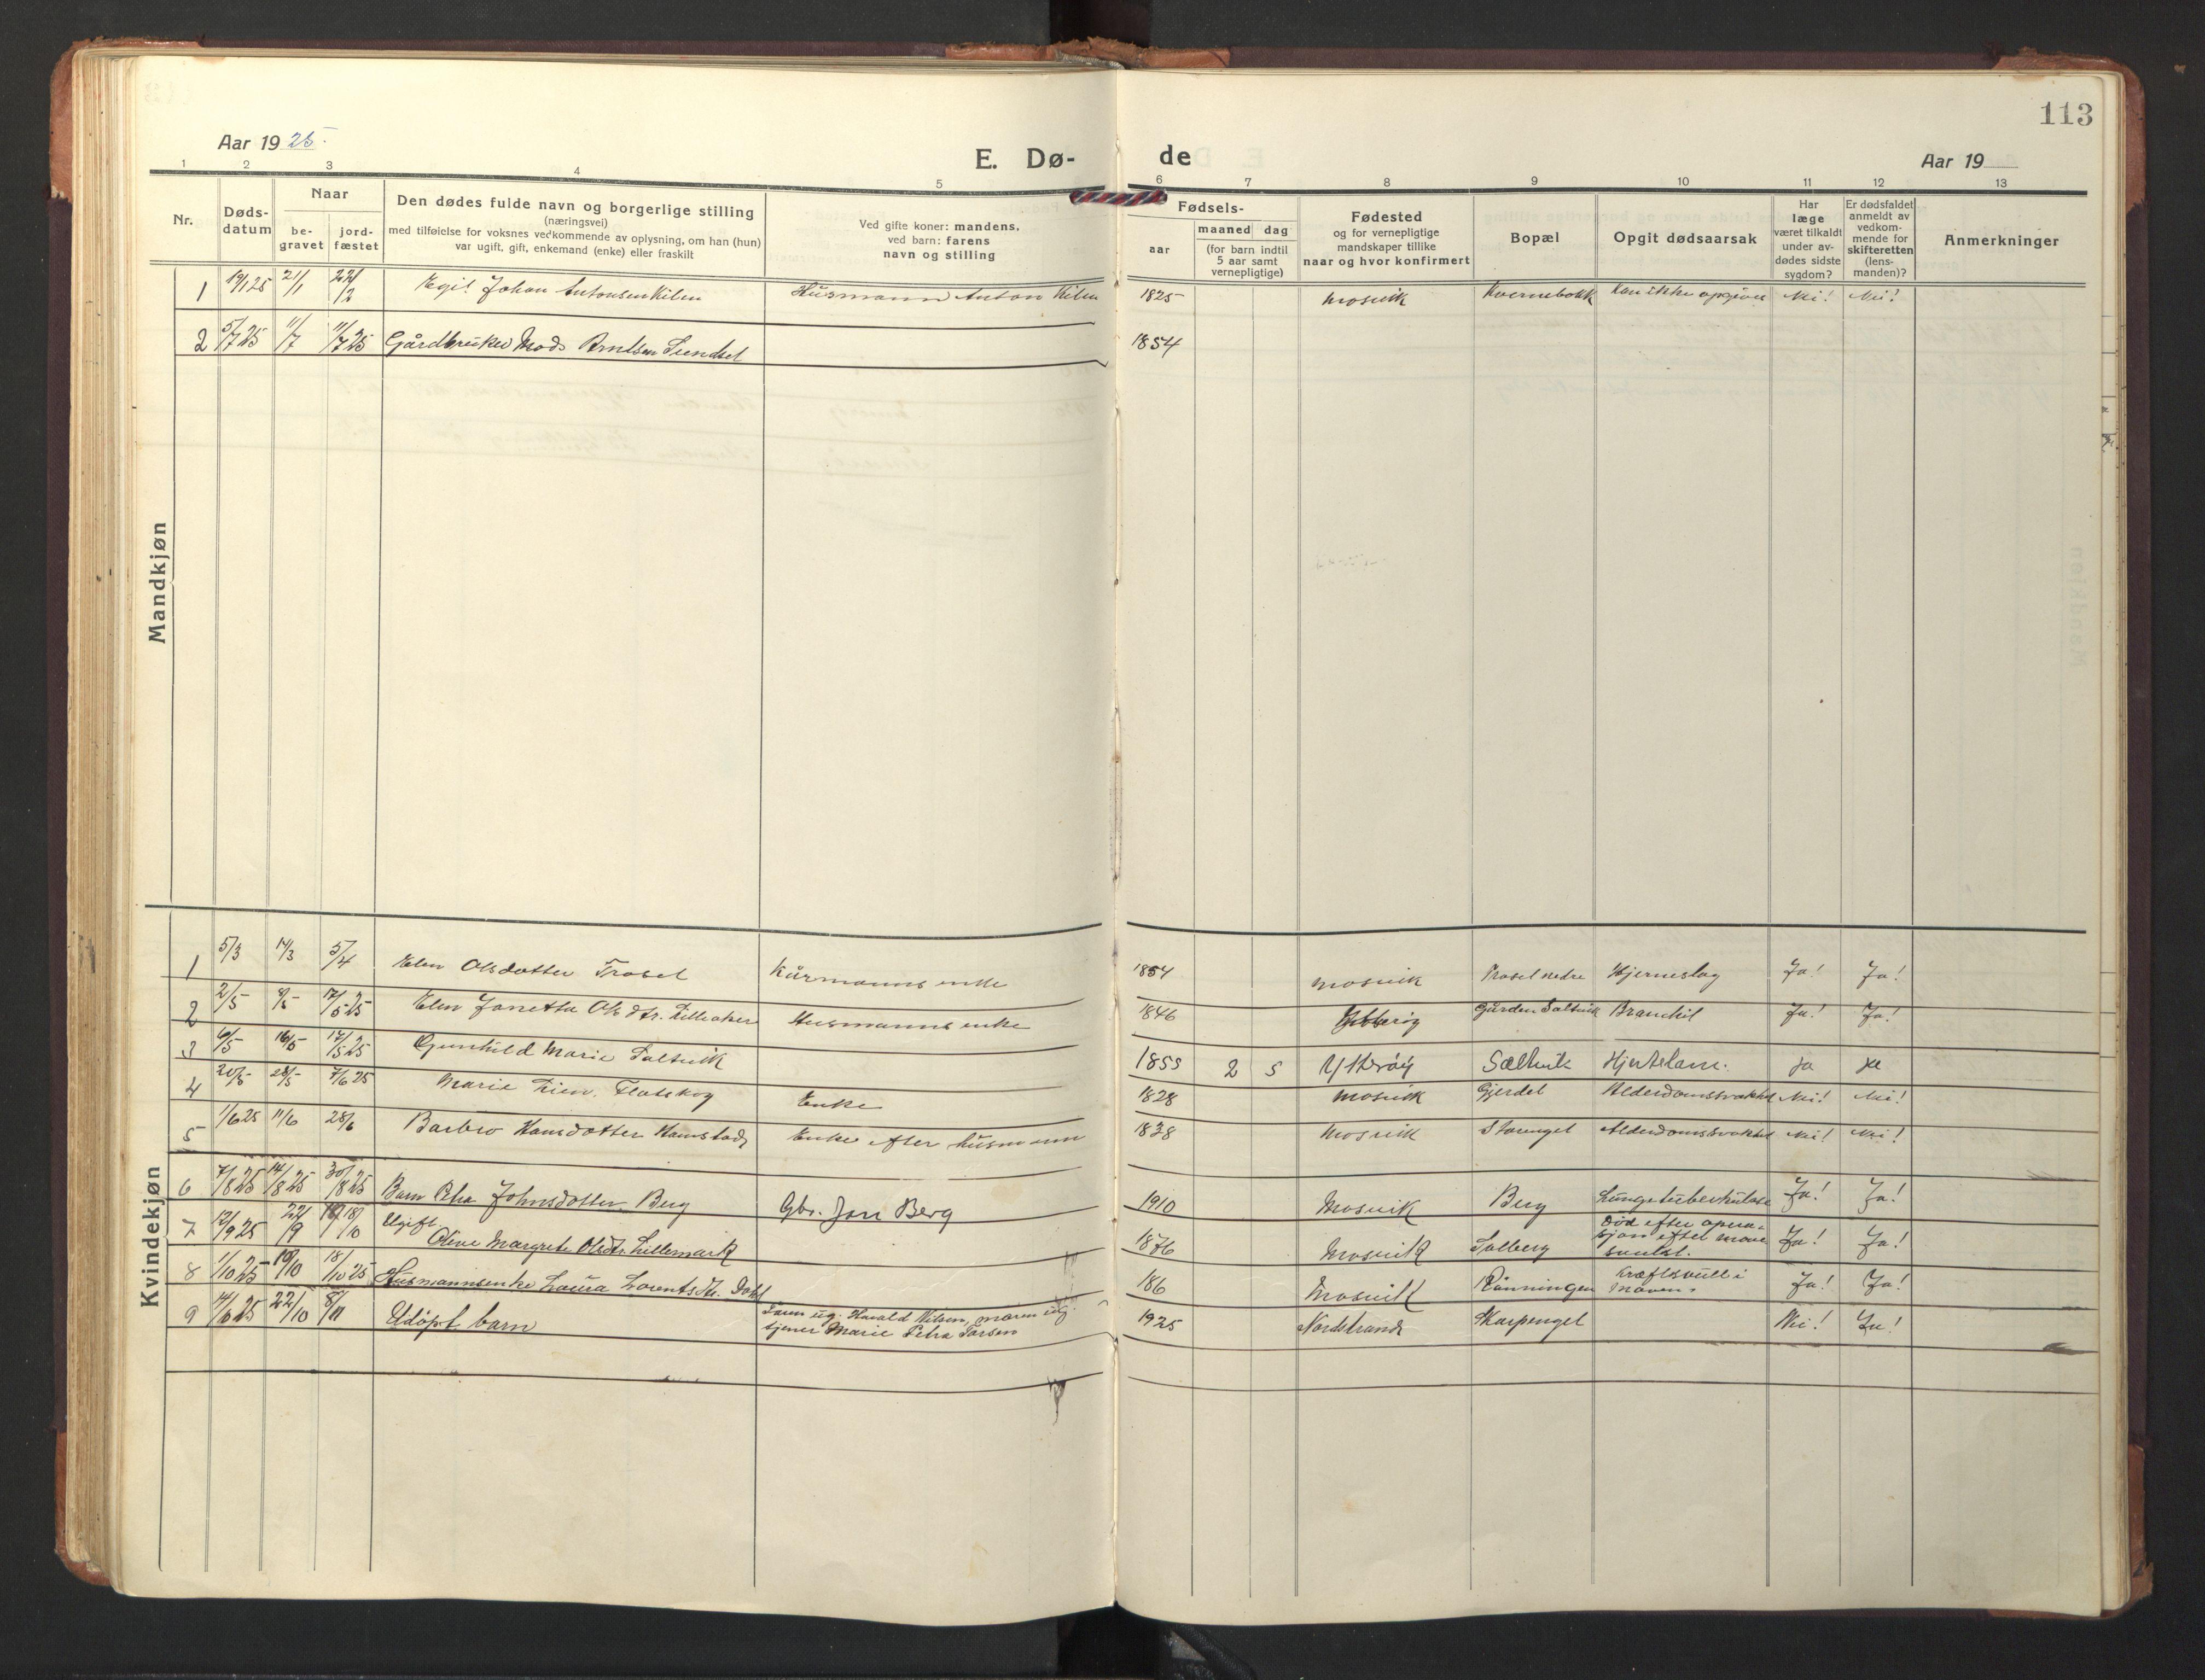 SAT, Ministerialprotokoller, klokkerbøker og fødselsregistre - Nord-Trøndelag, 733/L0328: Klokkerbok nr. 733C03, 1919-1966, s. 113